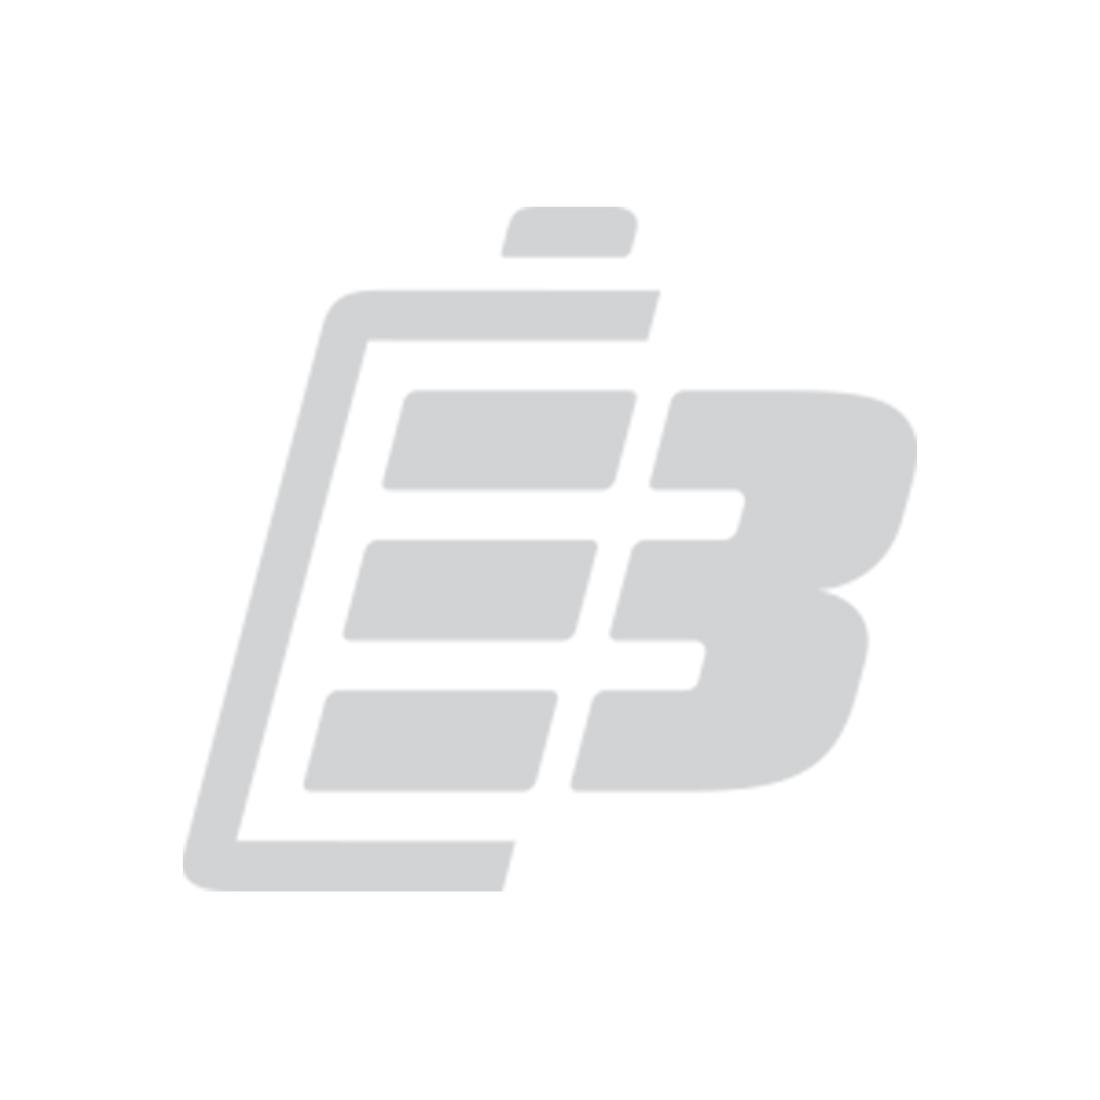 Μπαταρία Netbook LG X110 ενισχυμένη black 4400mah_1